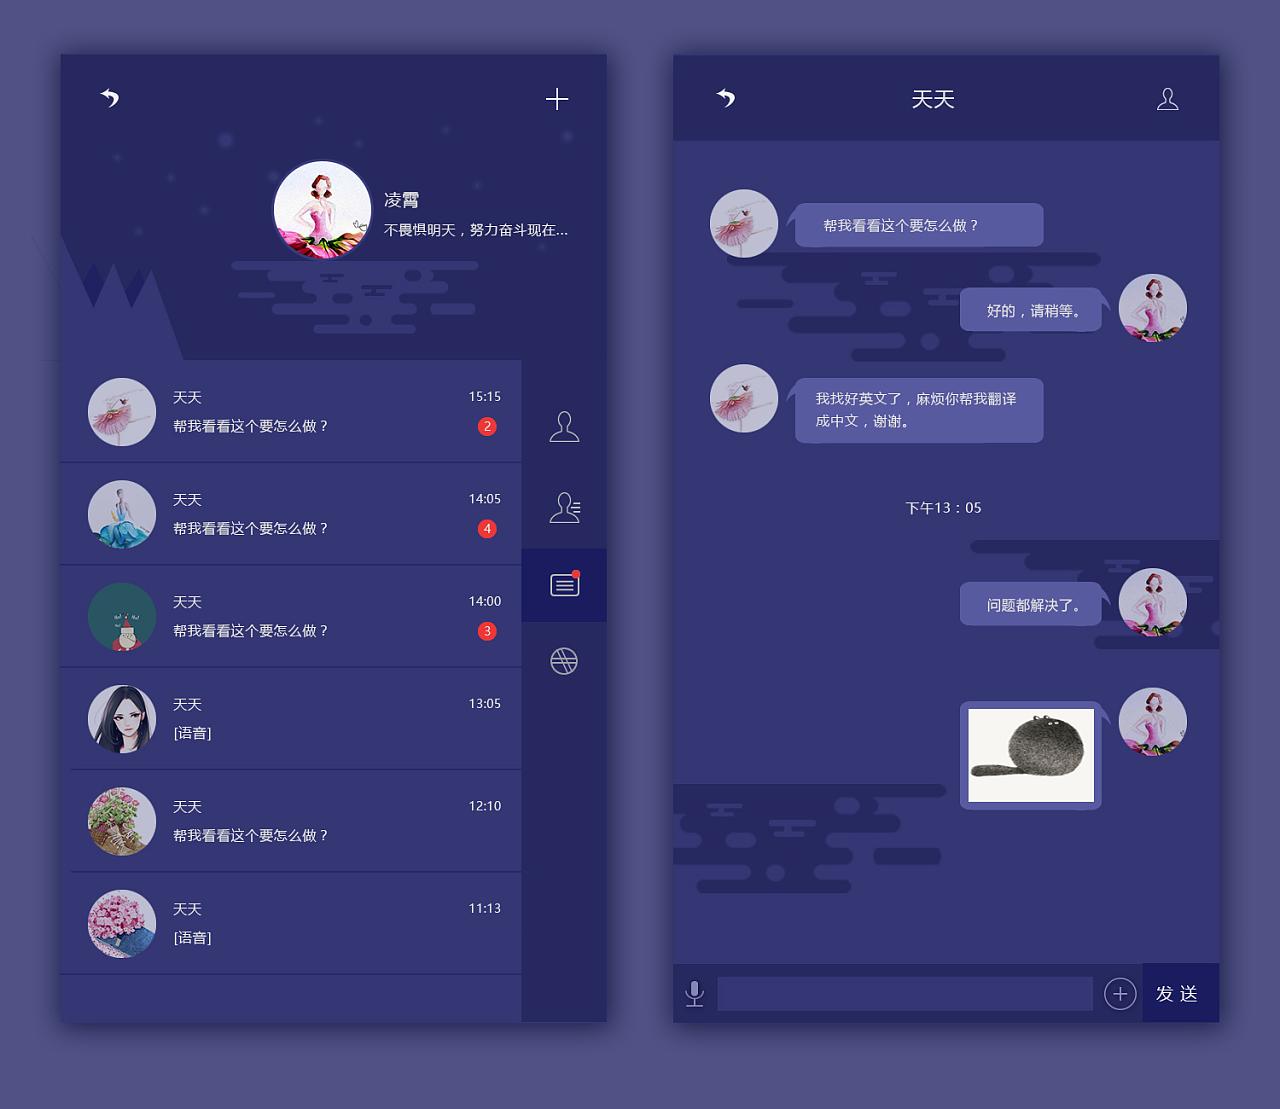 聊天对话窗口 ui app界面 雨晴听风 - 原创作品